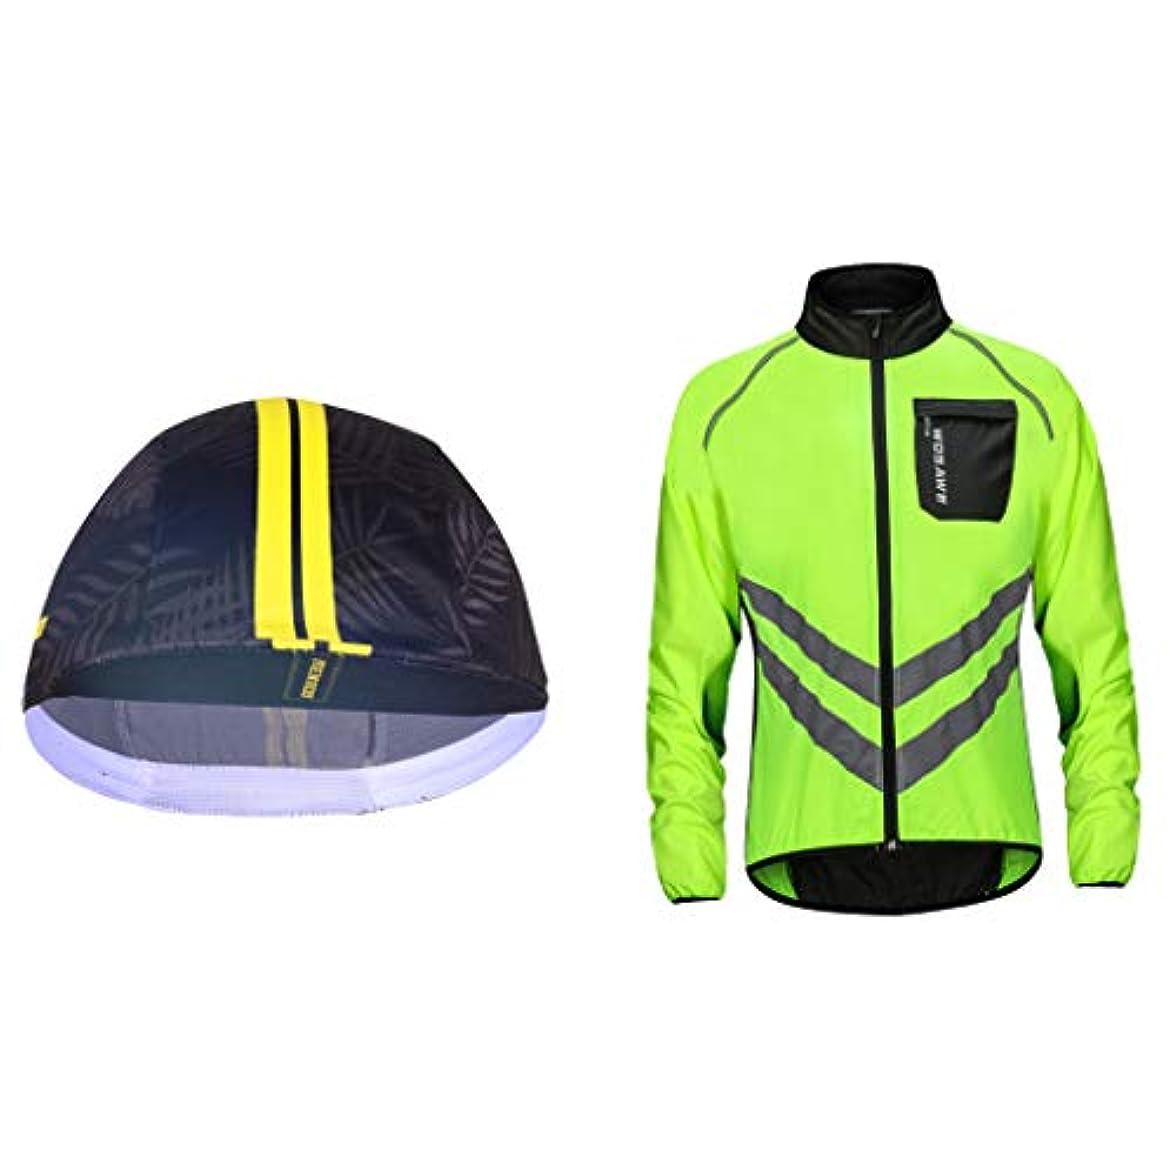 もろい中断バトルDYNWAVE サイクルジャージ 自転車ウェア サイクリングキャップ 防風 アクセサリ 実用性 携帯便利